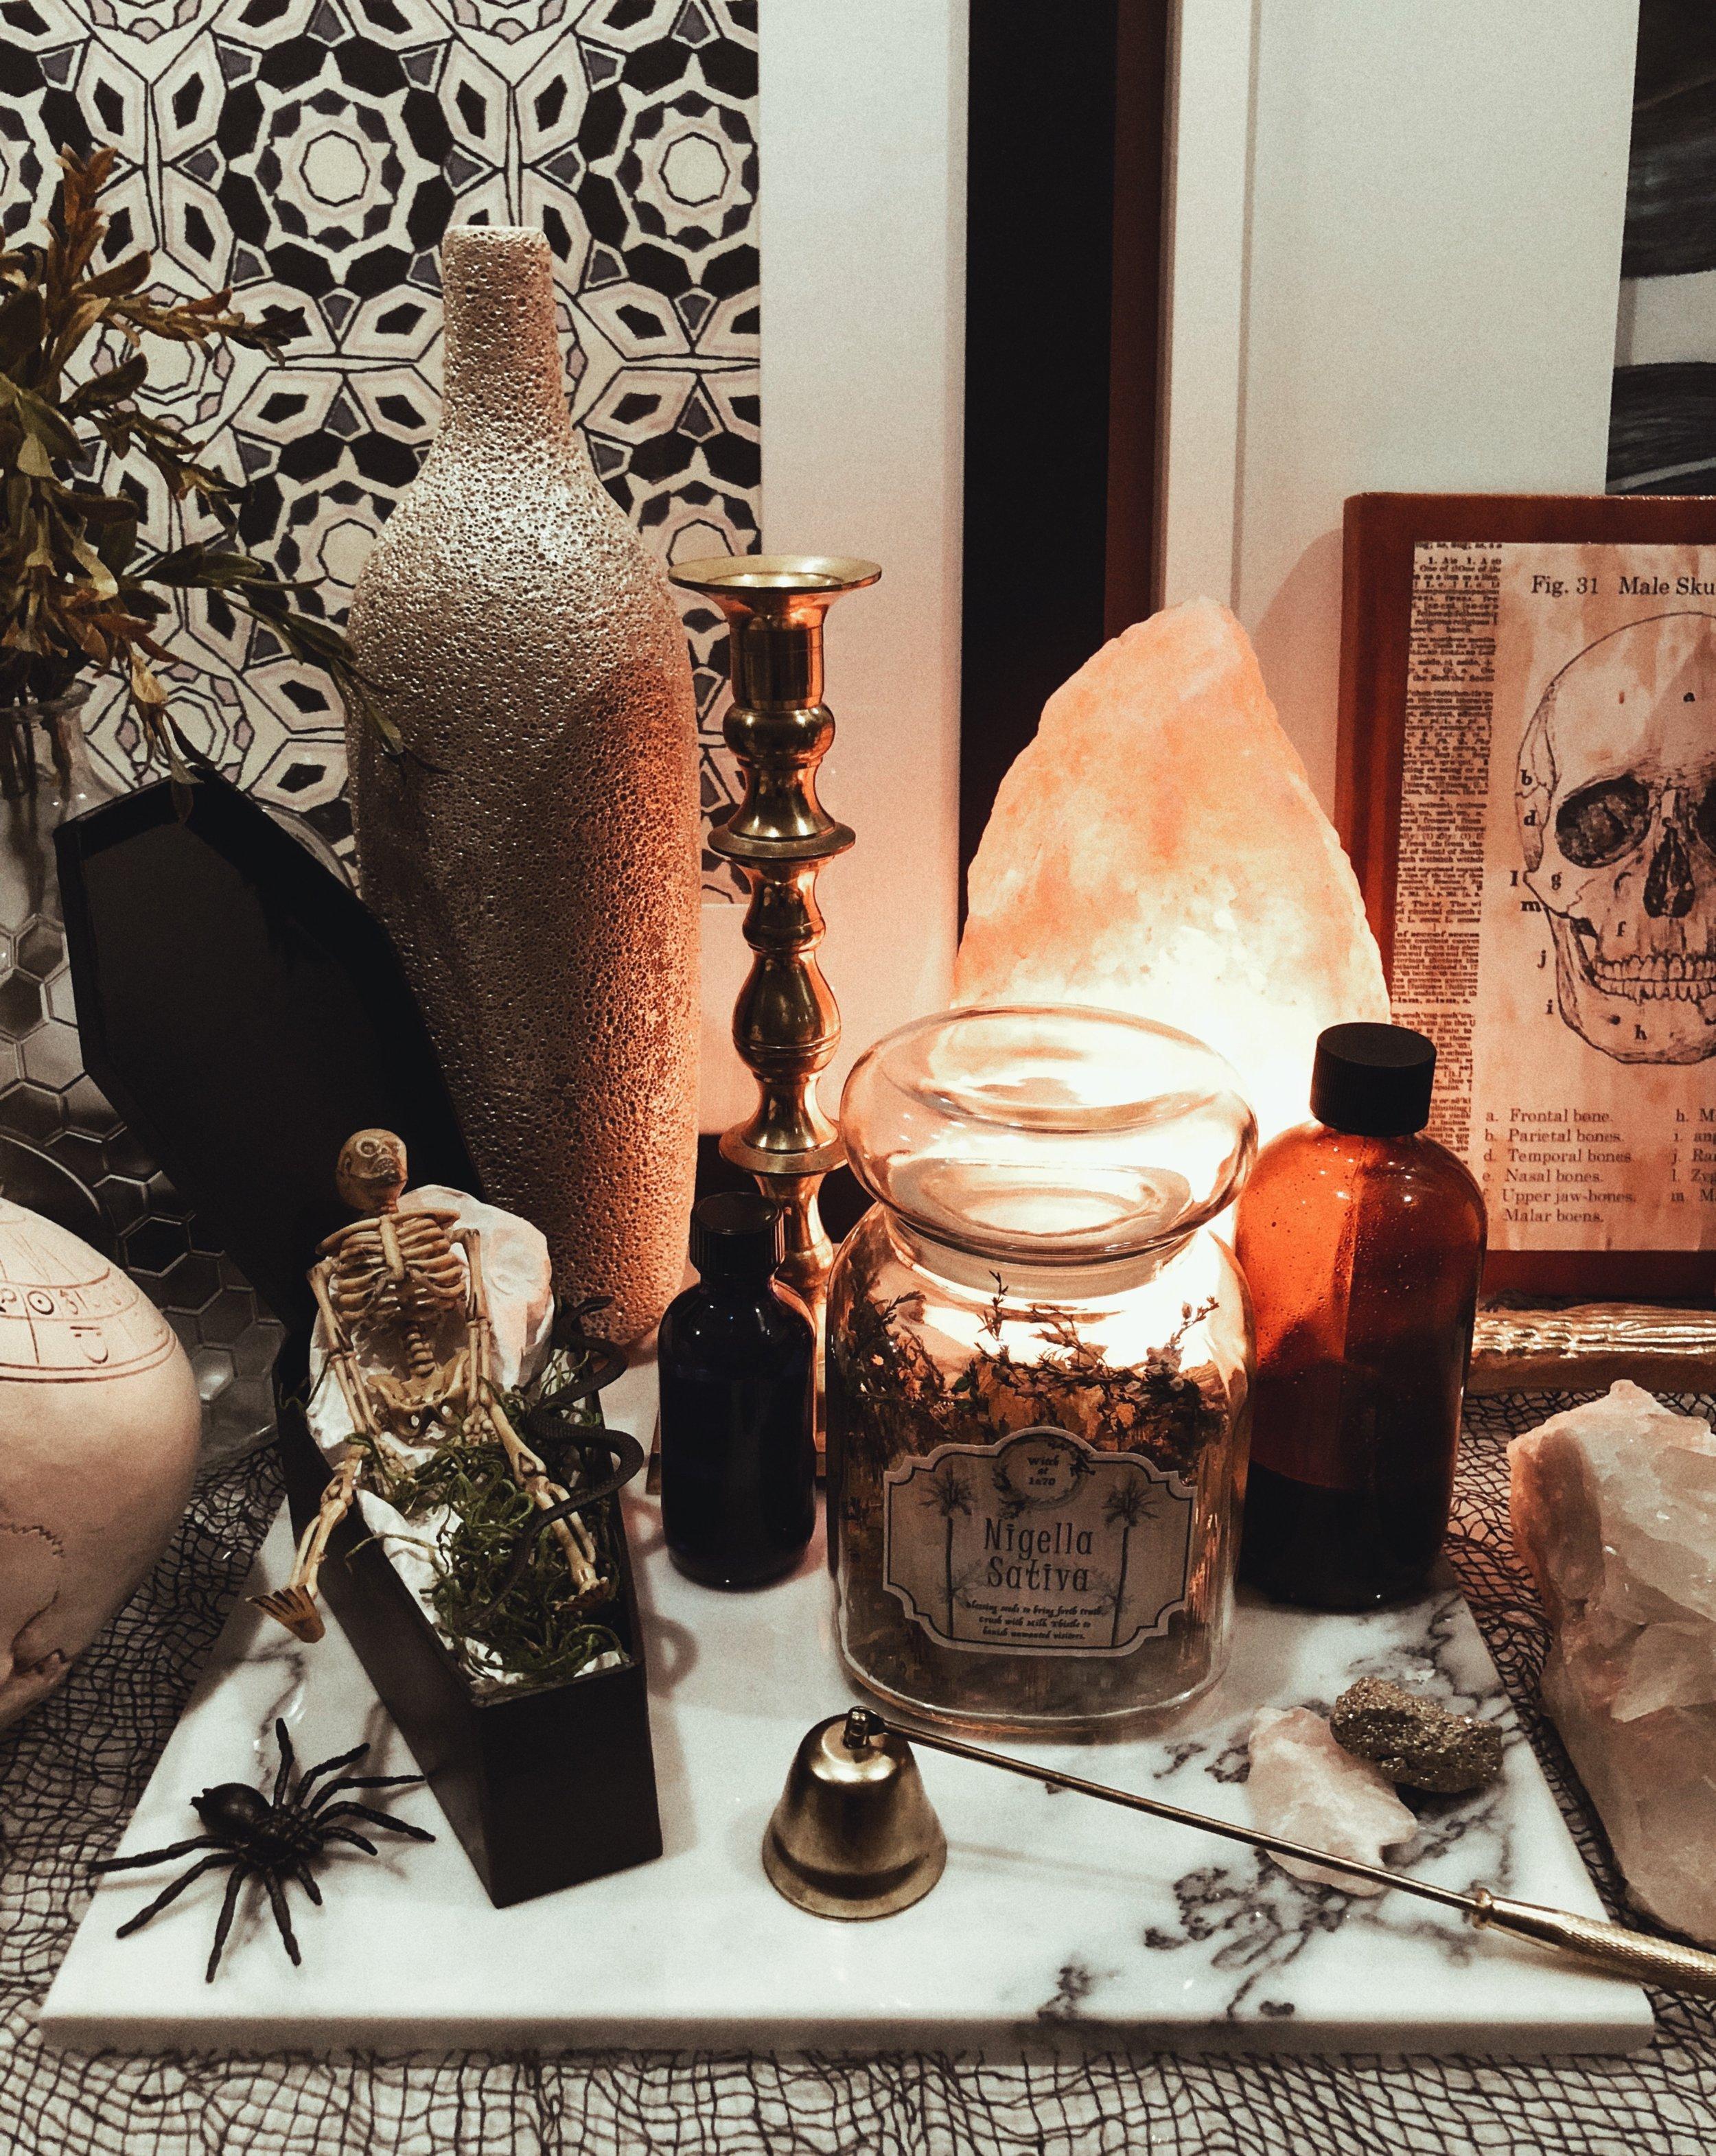 Halloween home decor apothecary creepy chic home interior design.jpg